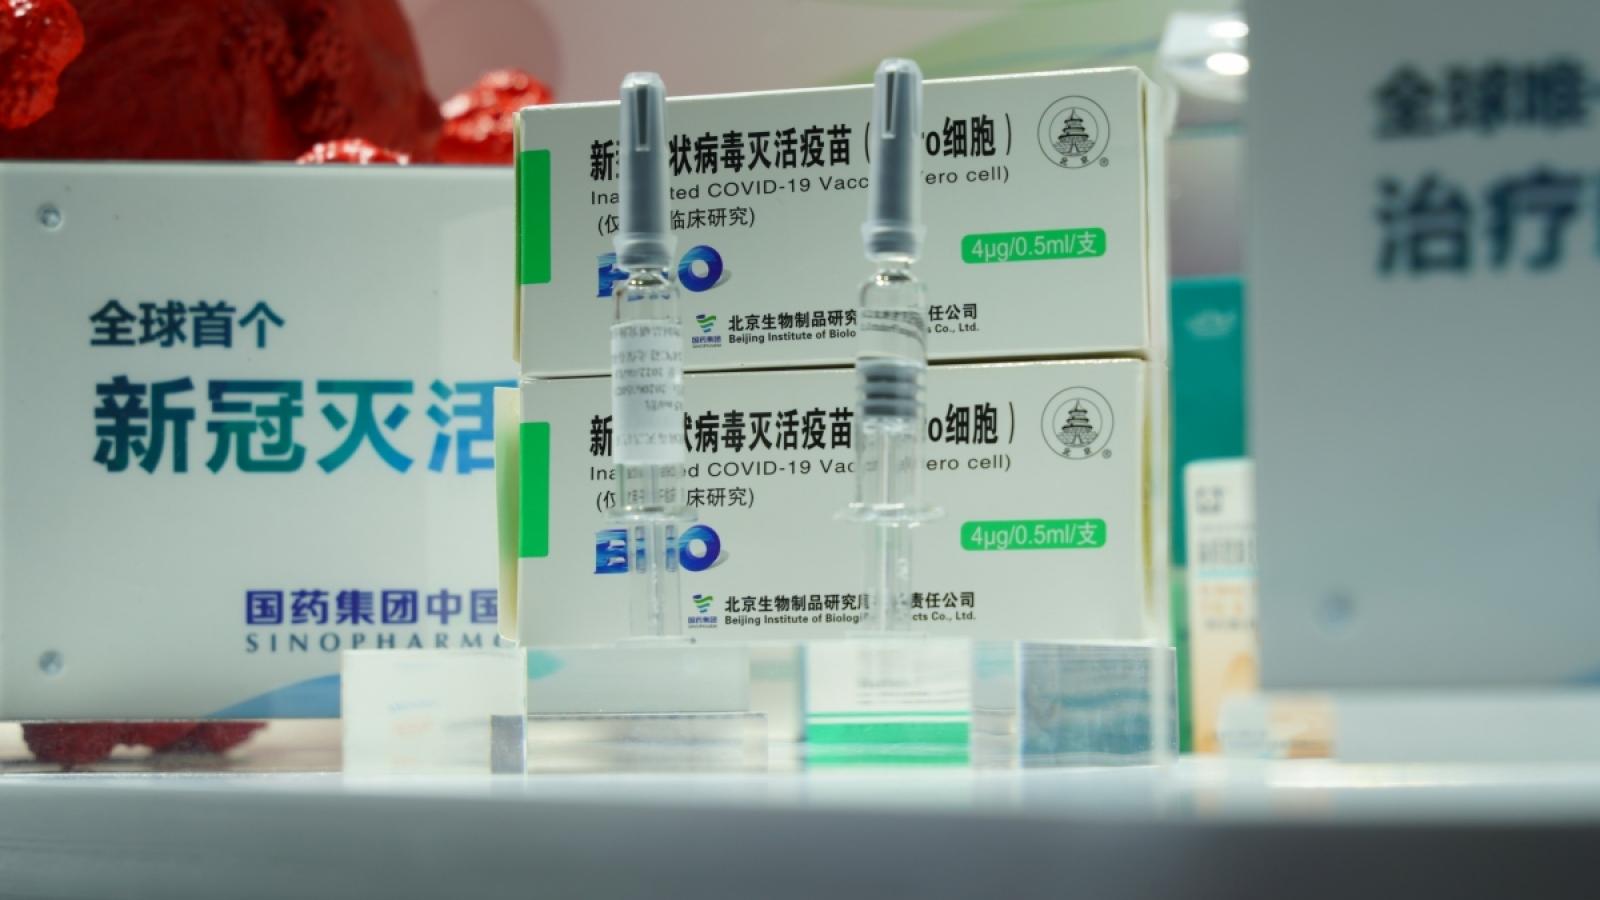 Trung Quốc sẽ cung cấp cho thế giới 2 tỷ liều vaccine ngừa Covid-19